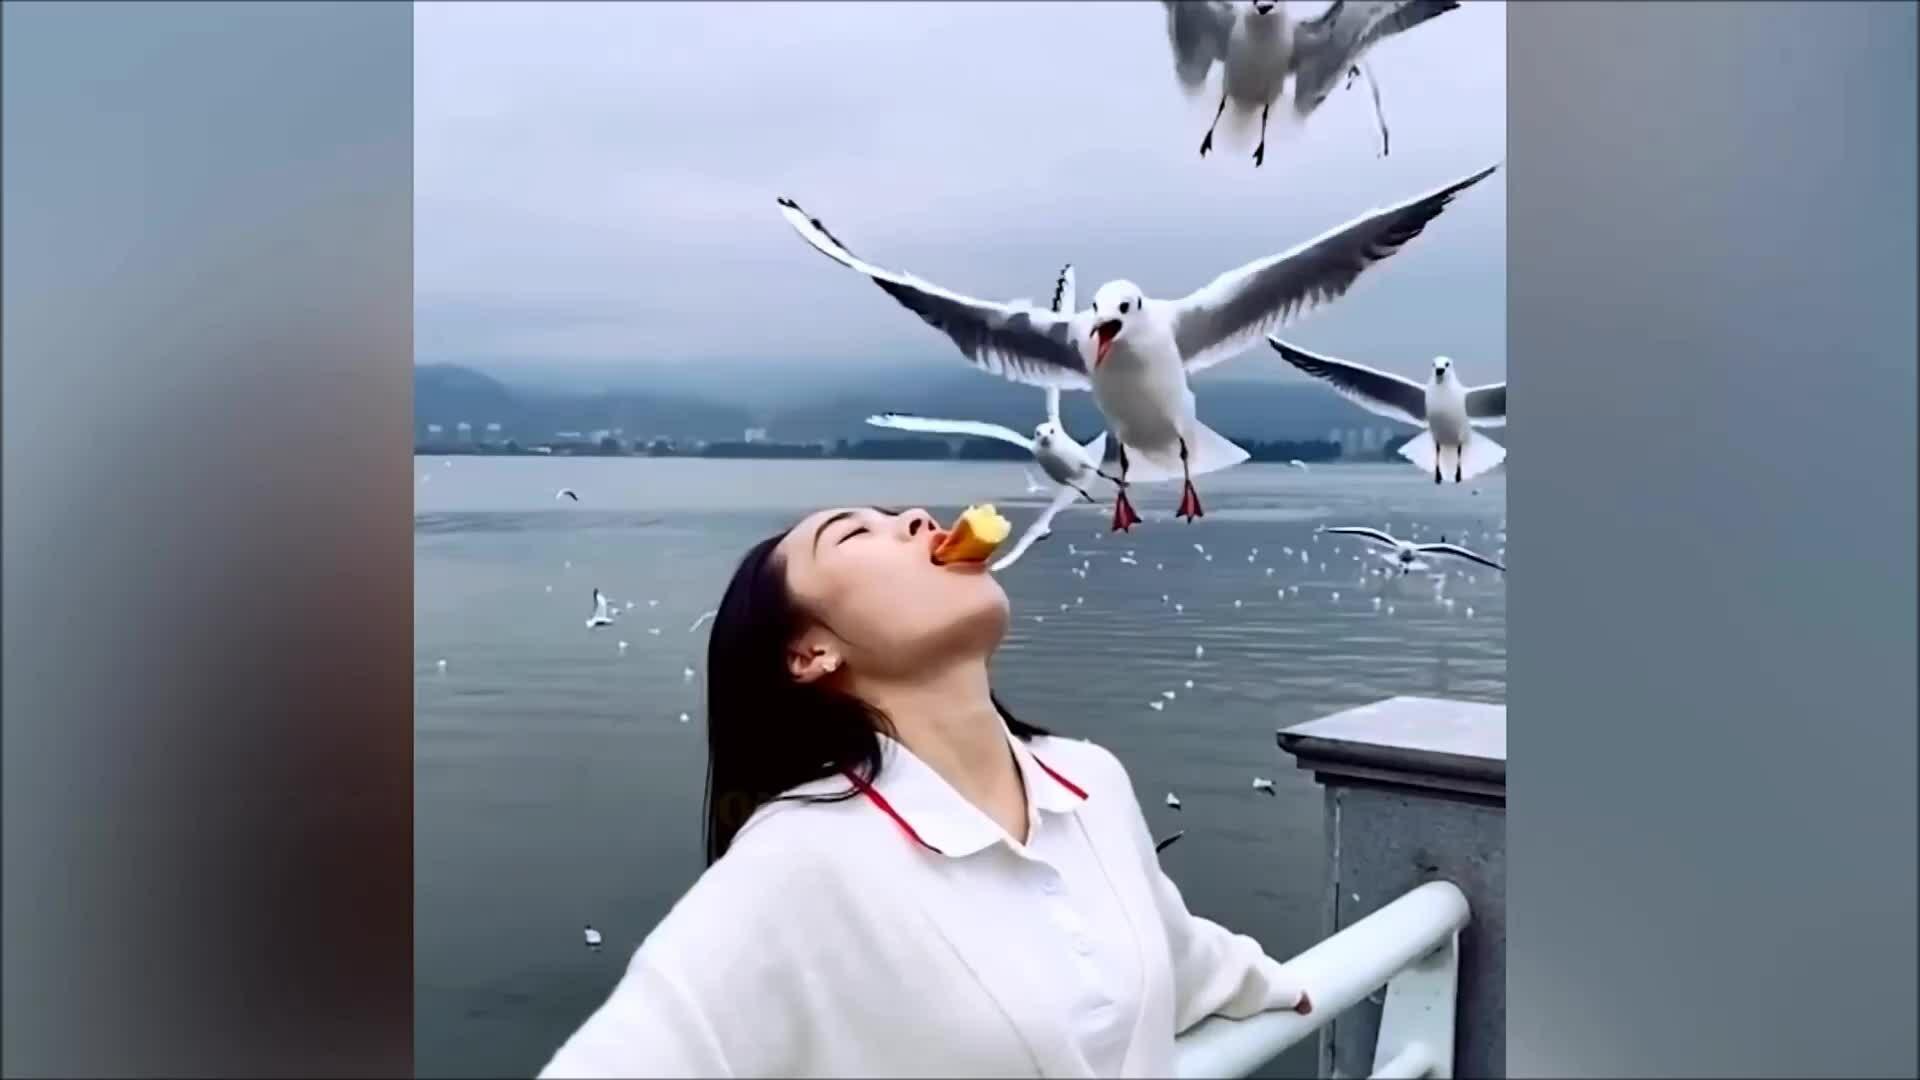 Du khách bị lên án vì cho chim ăn bằng miệng